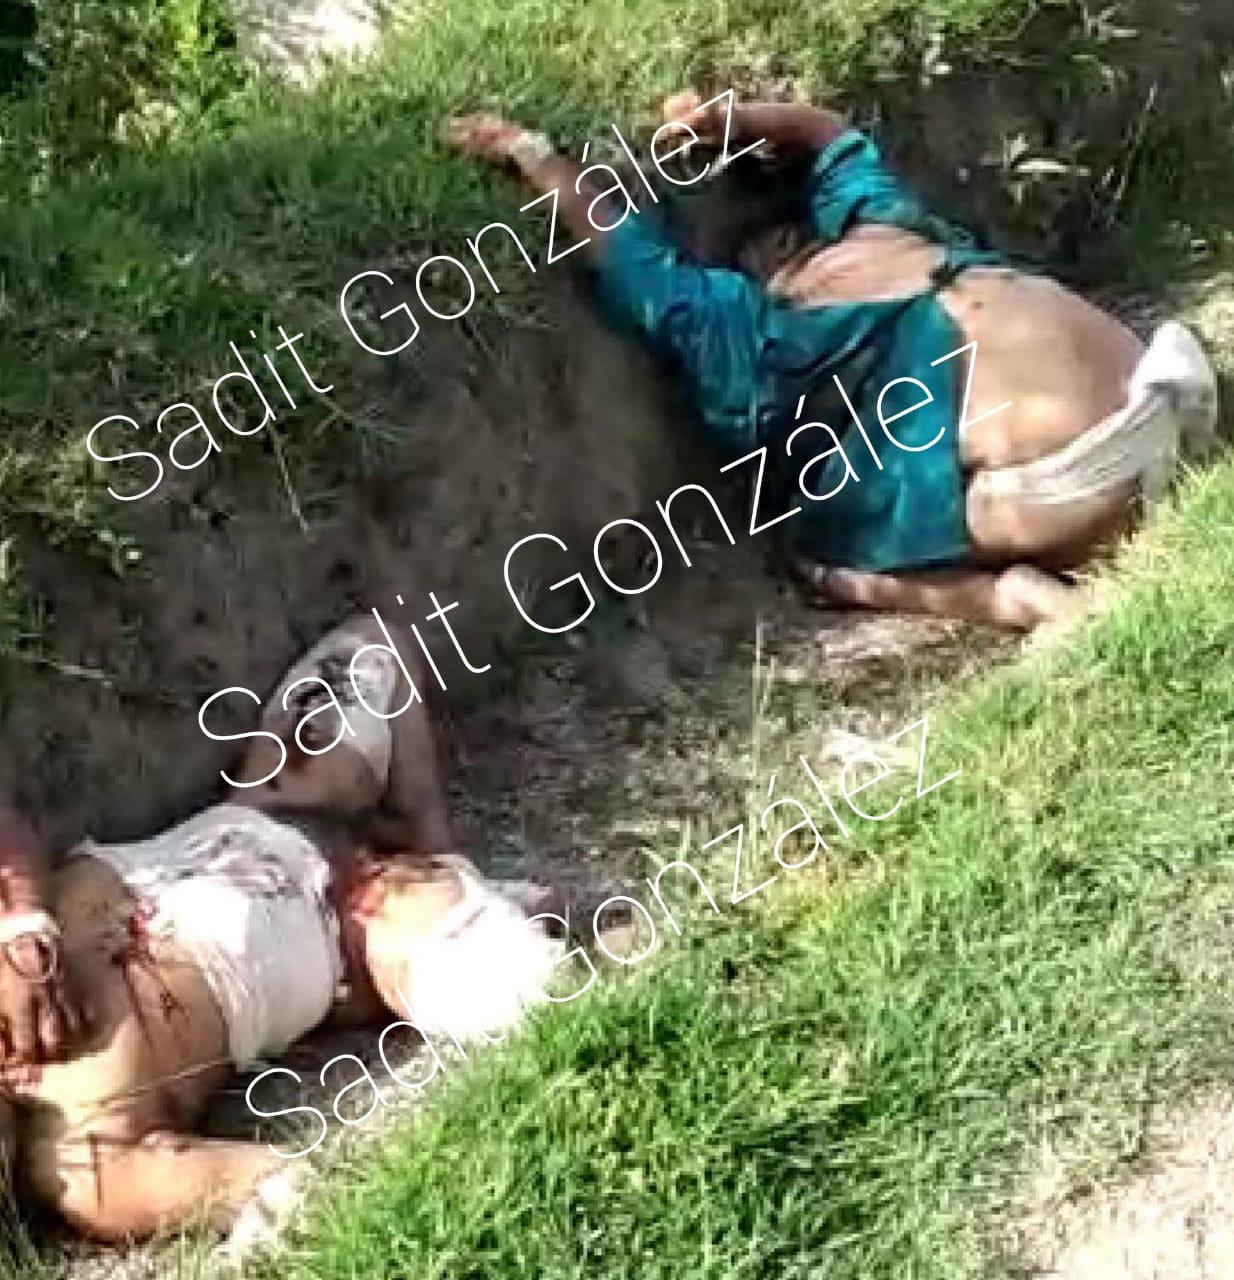 Aparecen ejecutados los 3 levantados en hospital de Tepeaca